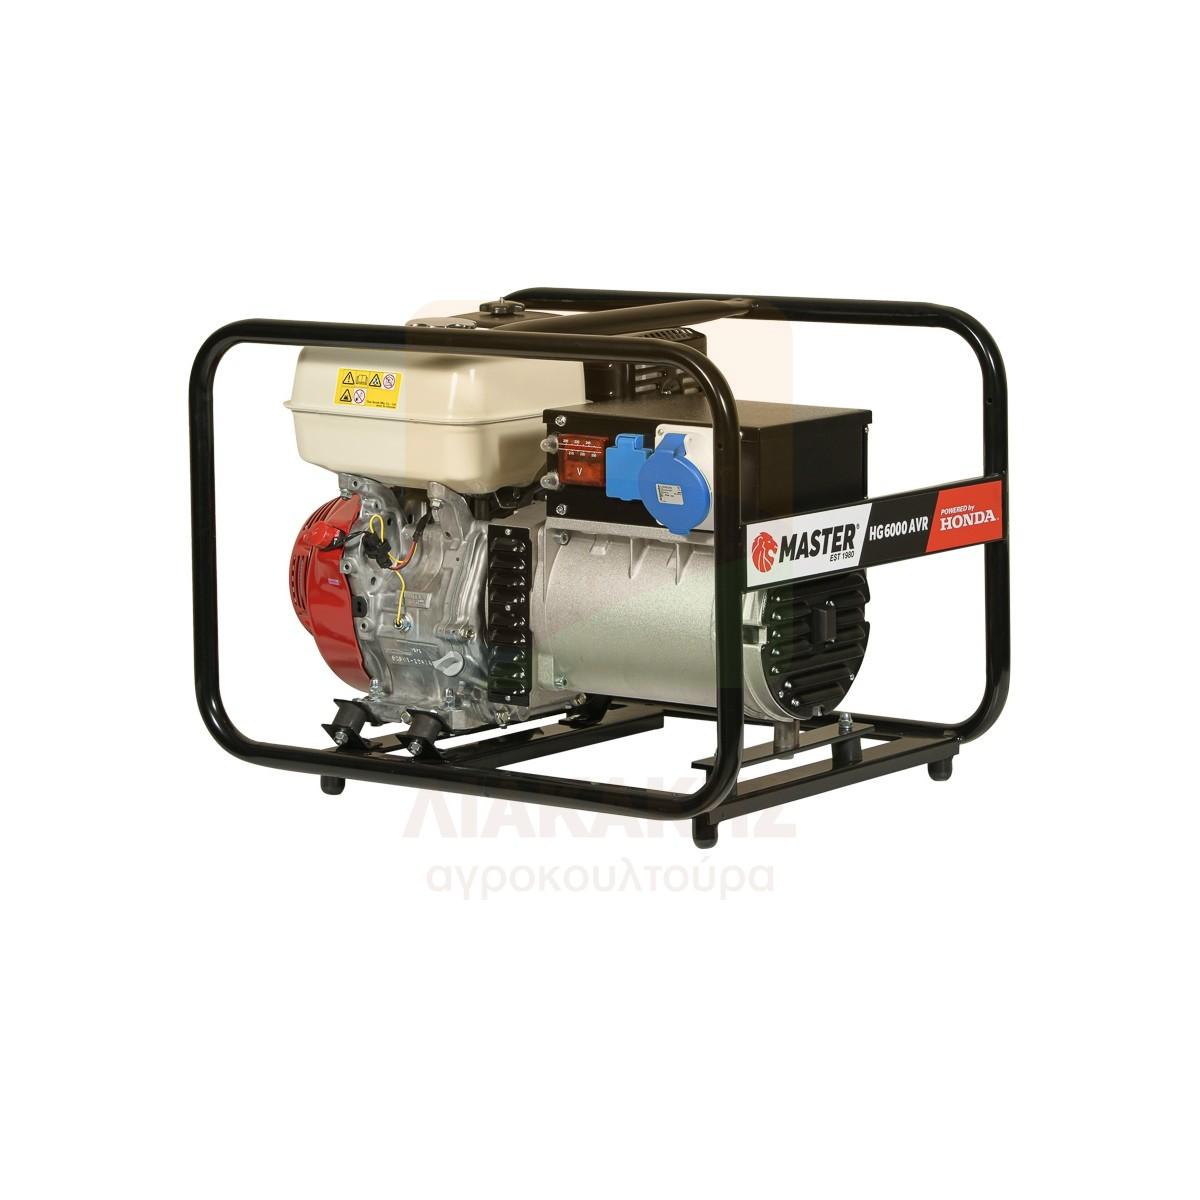 Γεννήτρια βενζίνης μονοφασική 5.1 kVA με σταθεροποιητή AVR